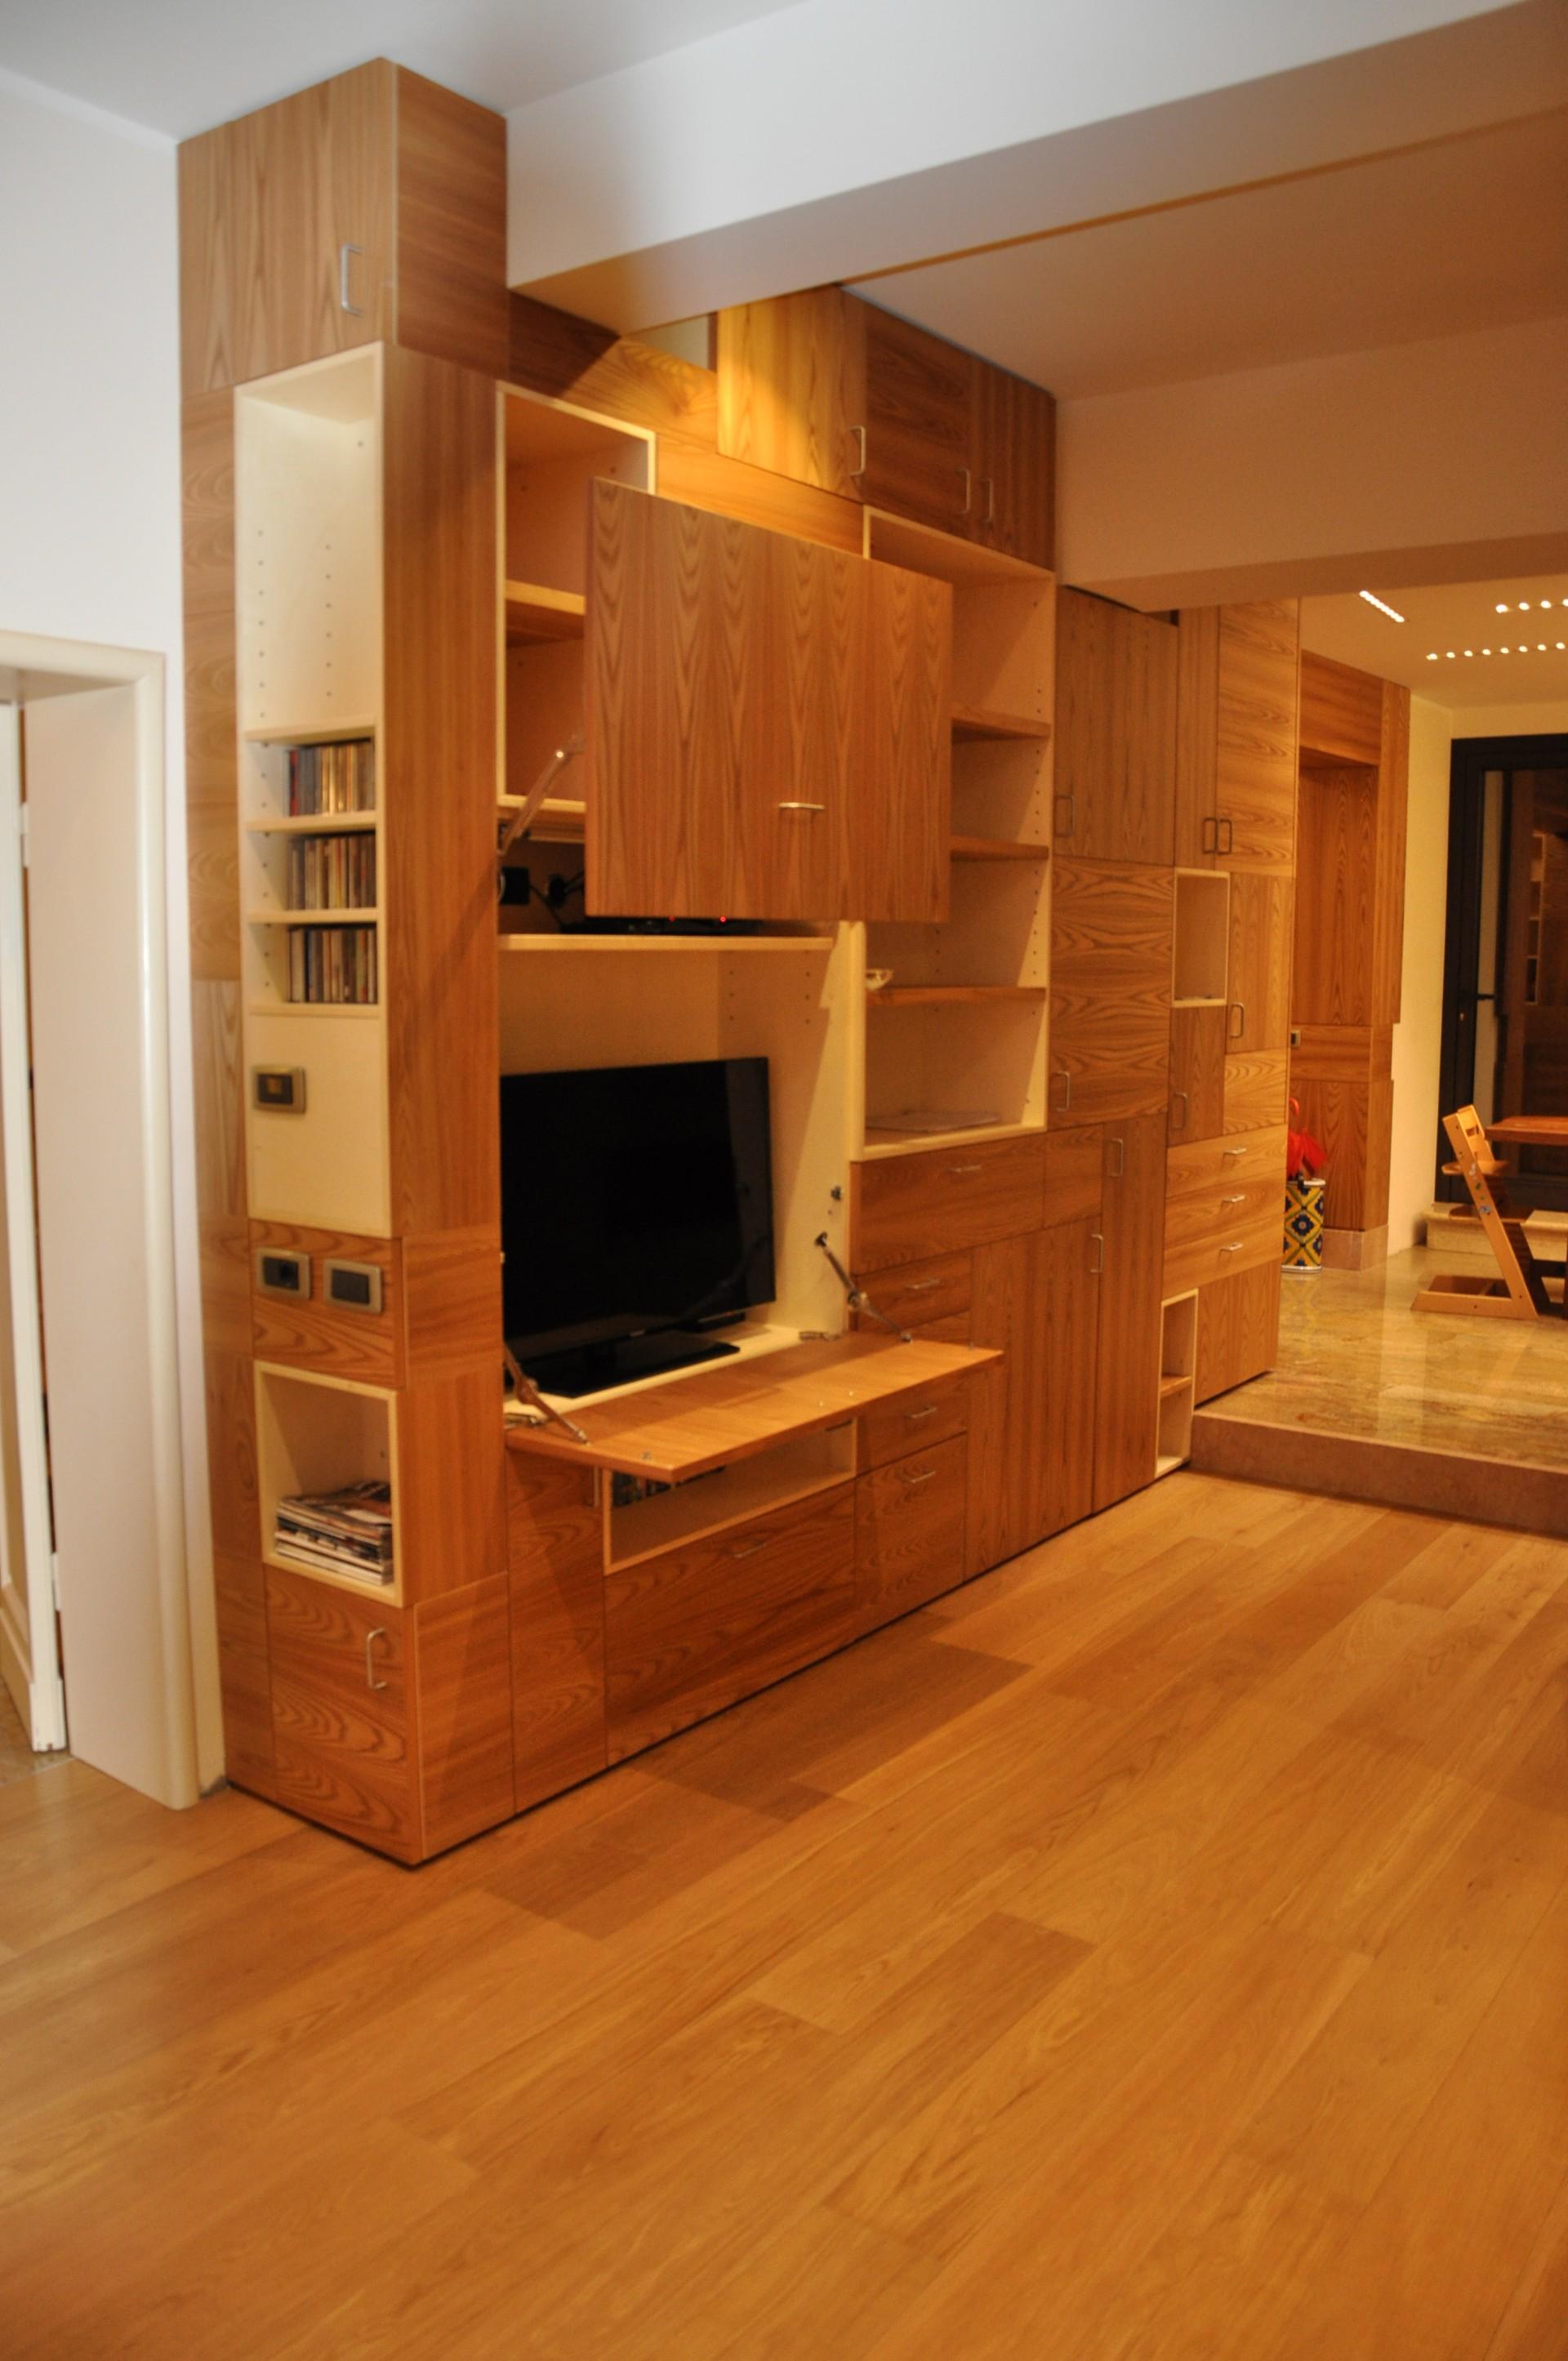 Progettazione arredamenti su misura fadini mobili cerea for Aurora arreda